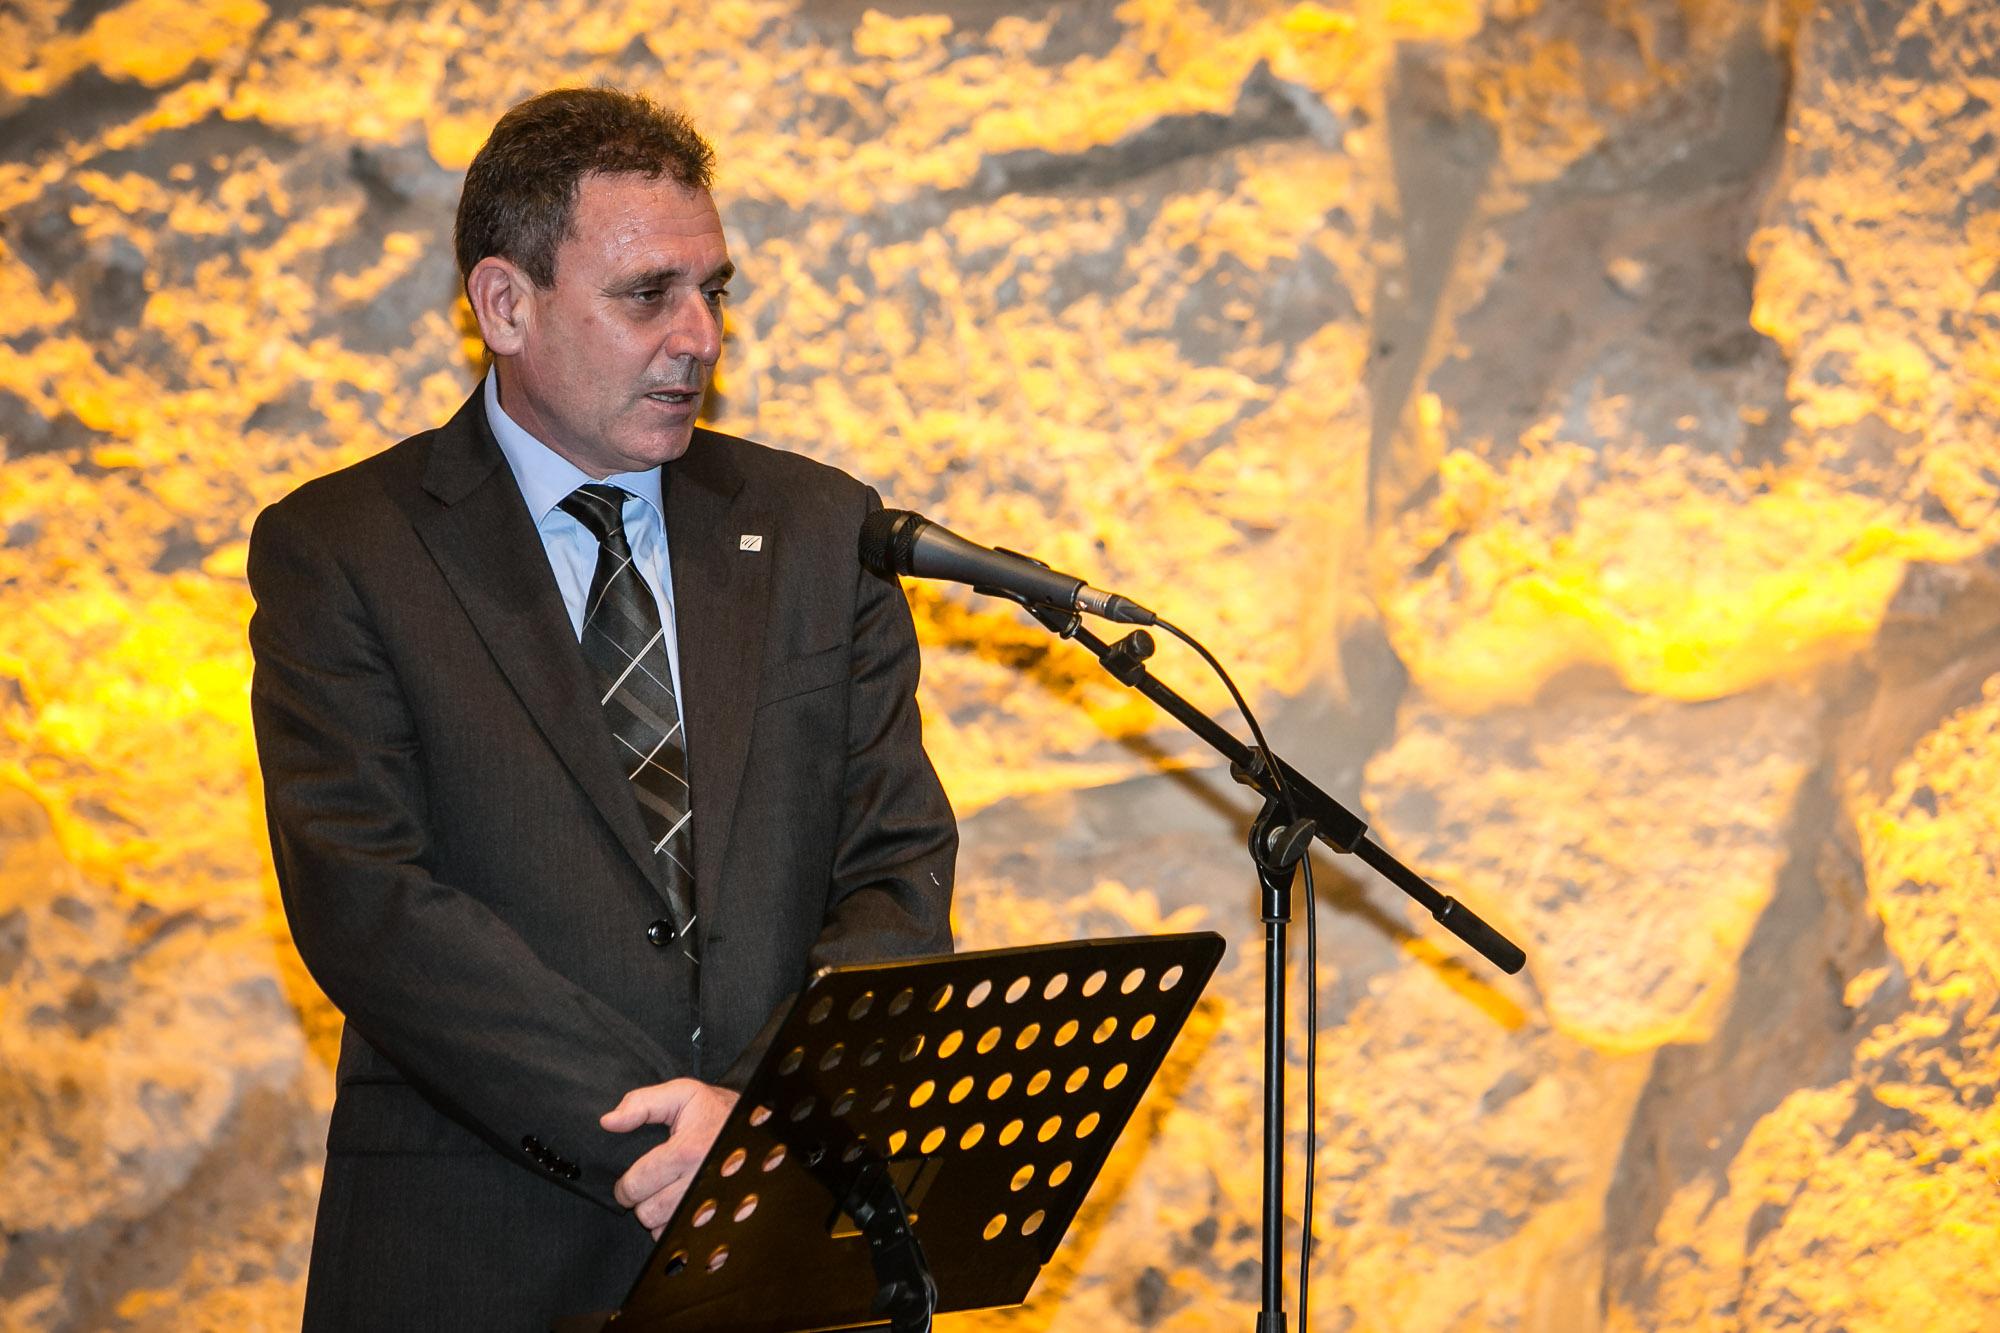 Pere Jornet i Corbella, patró de la Fundació, va parlar en nom del seu pare, Pere Jornet i Grant, homenatjat a títol pòstum durant l'acte (Fotografia: Juan Segovia)